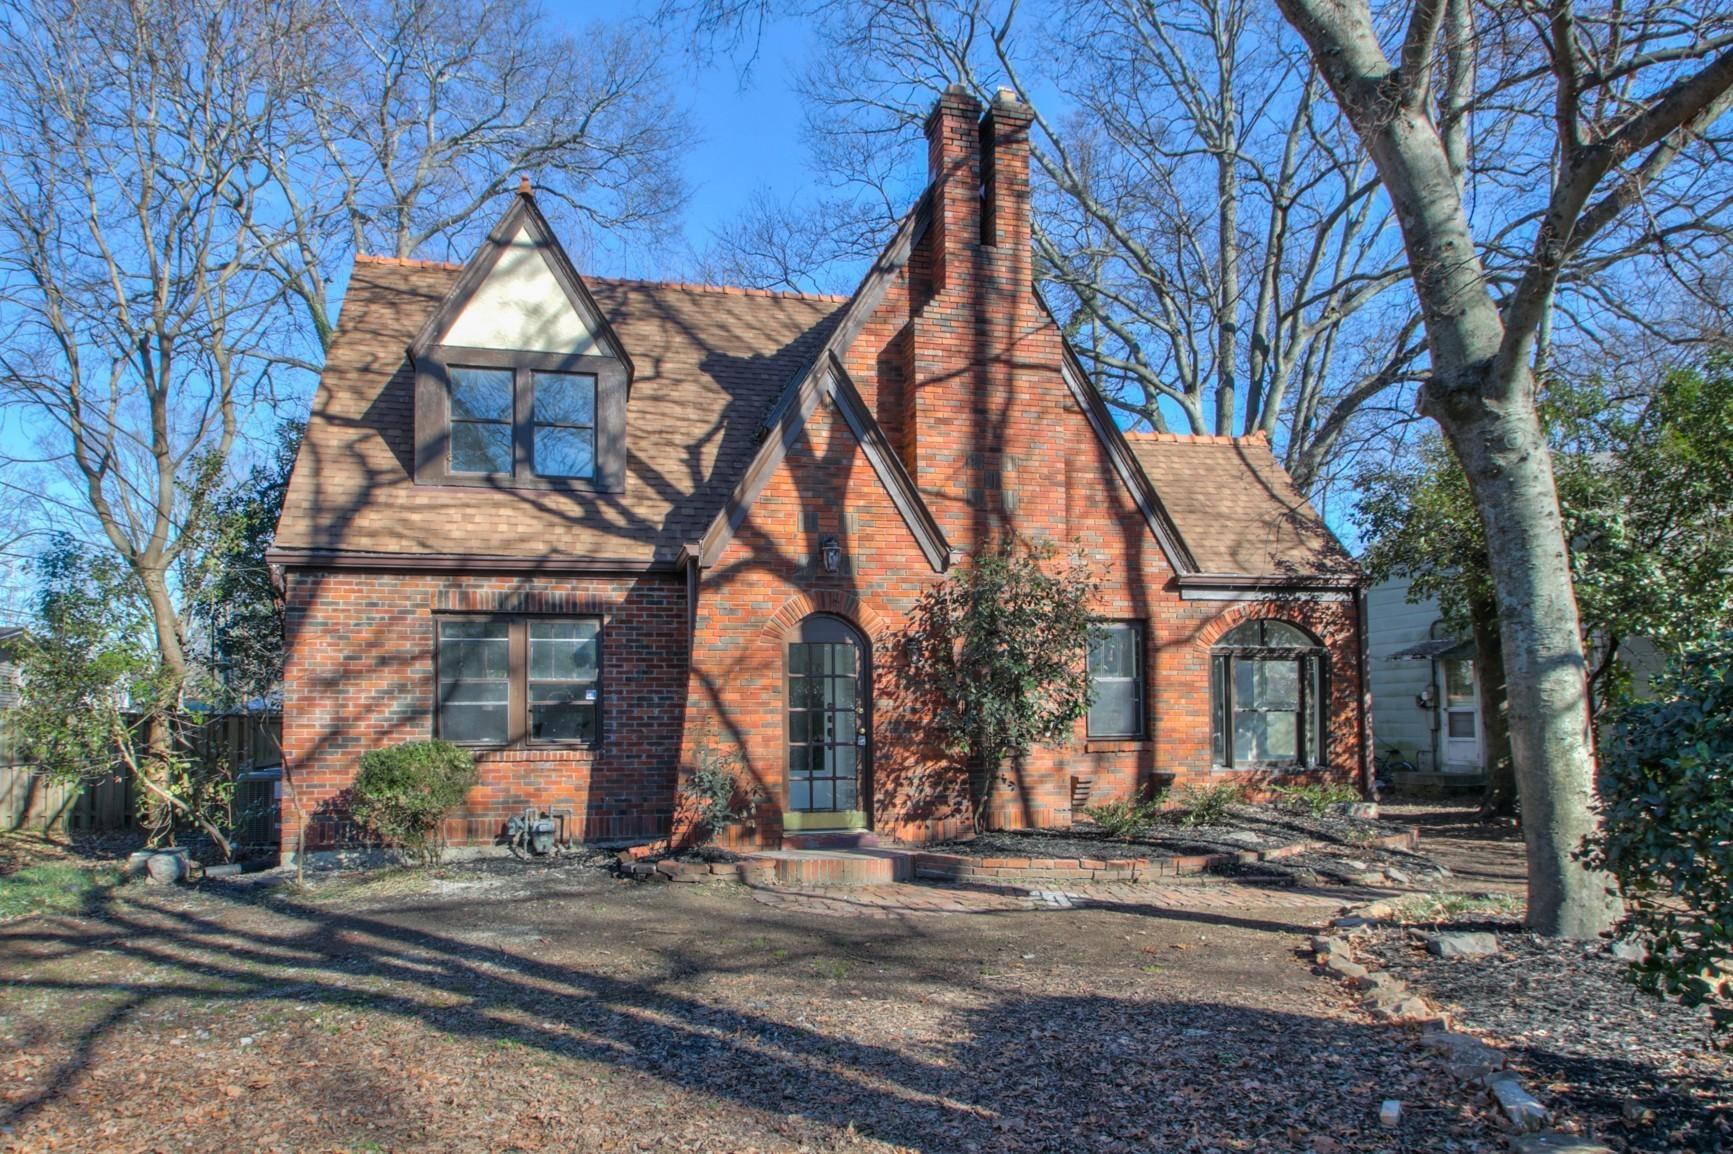 2512 Sharondale Dr, Nashville, TN 37215 - Nashville, TN real estate listing